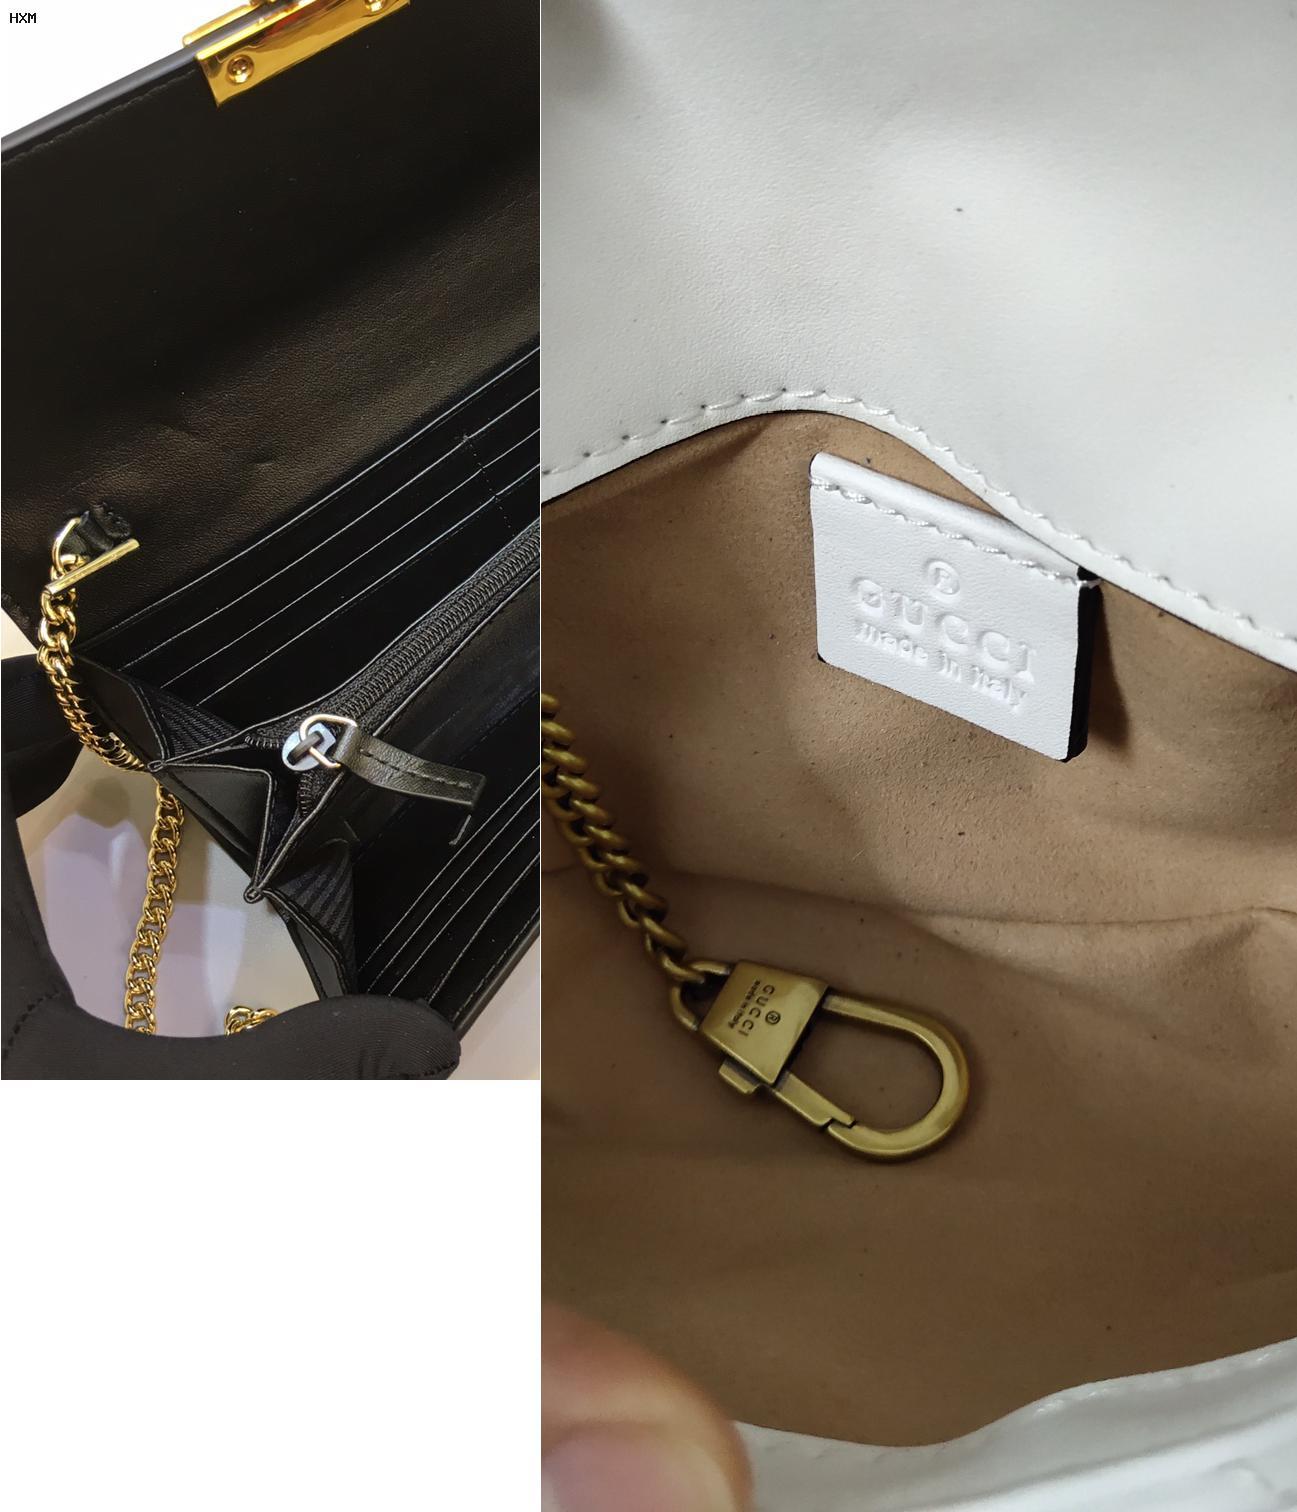 mochila gucci mujer original precio